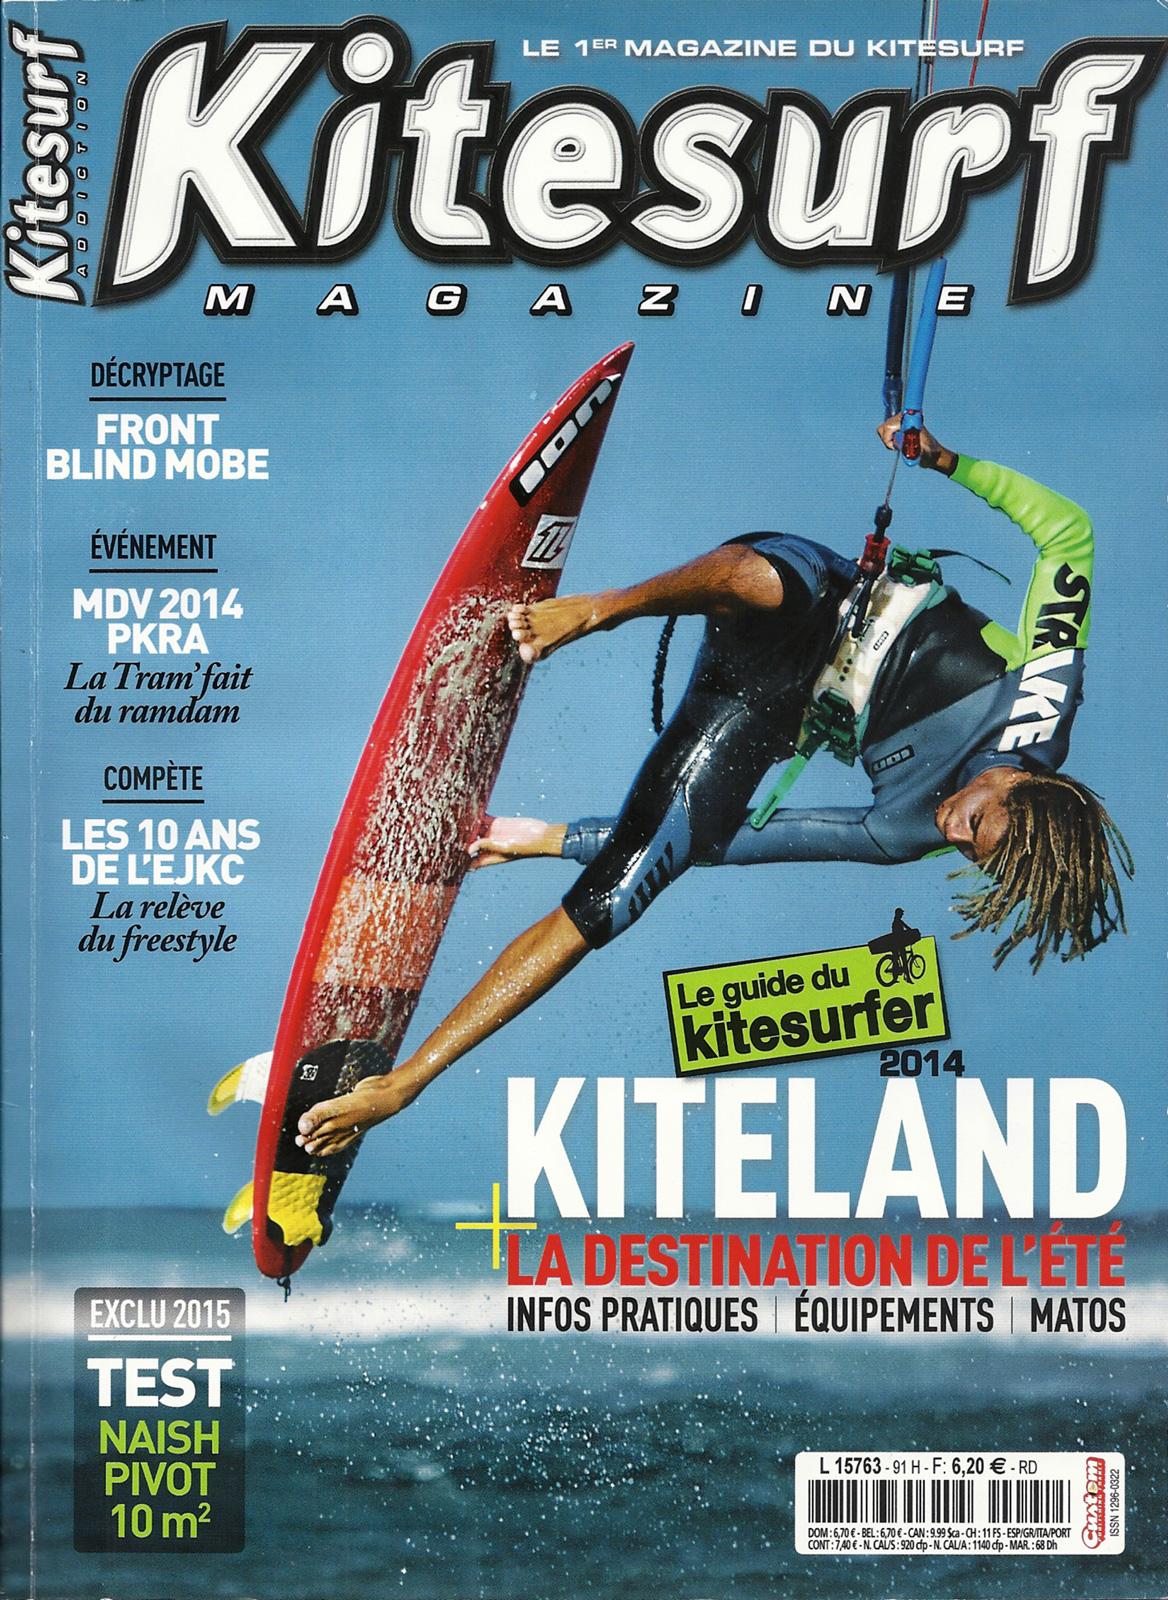 Kitesurf Magazine fait l'article sur le MTB Contest 2014